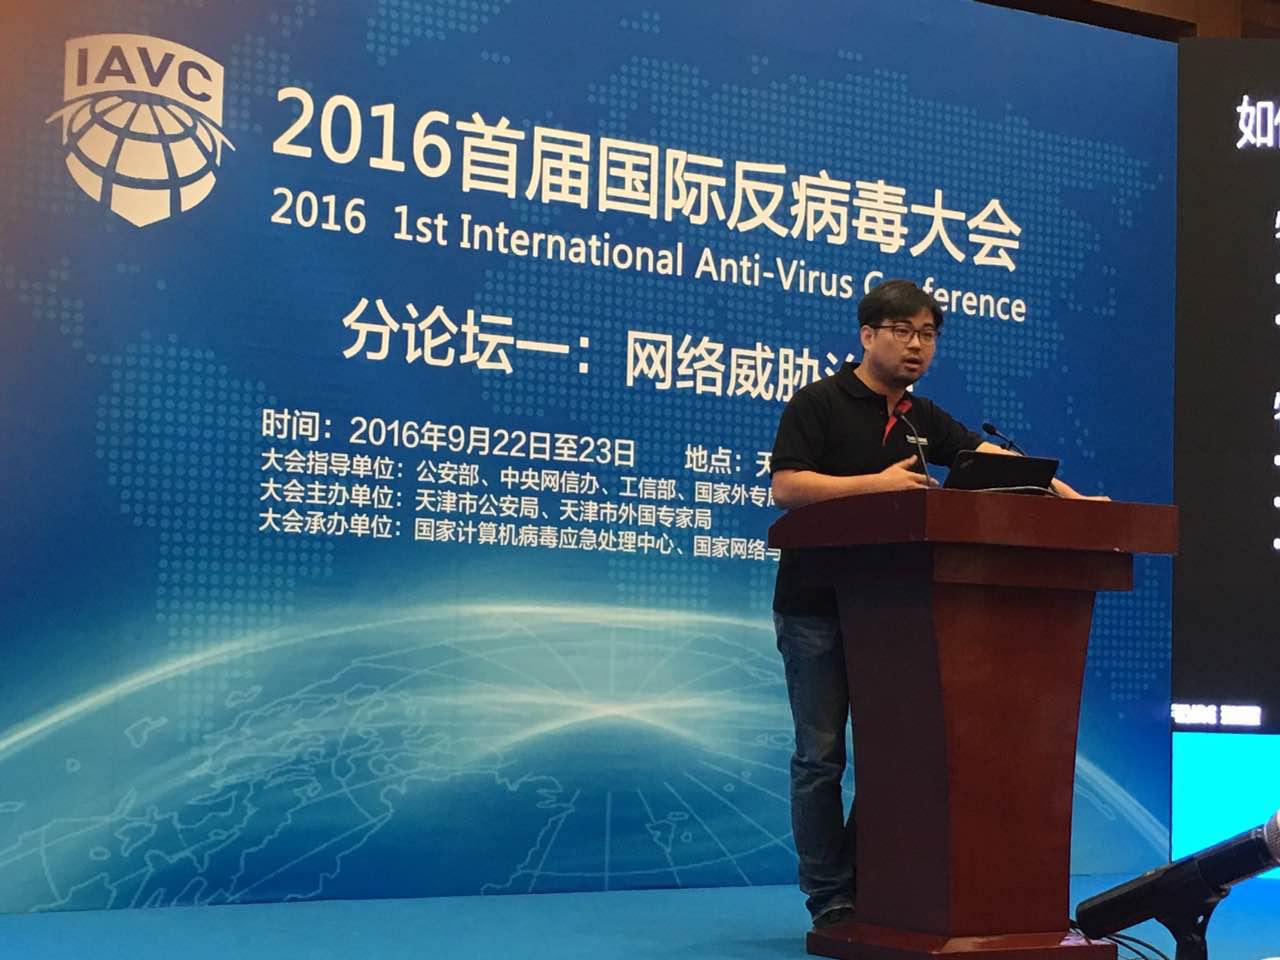 """瑞星在国际反病毒大会提出""""构建全产业链网络威胁防御生态""""理念"""